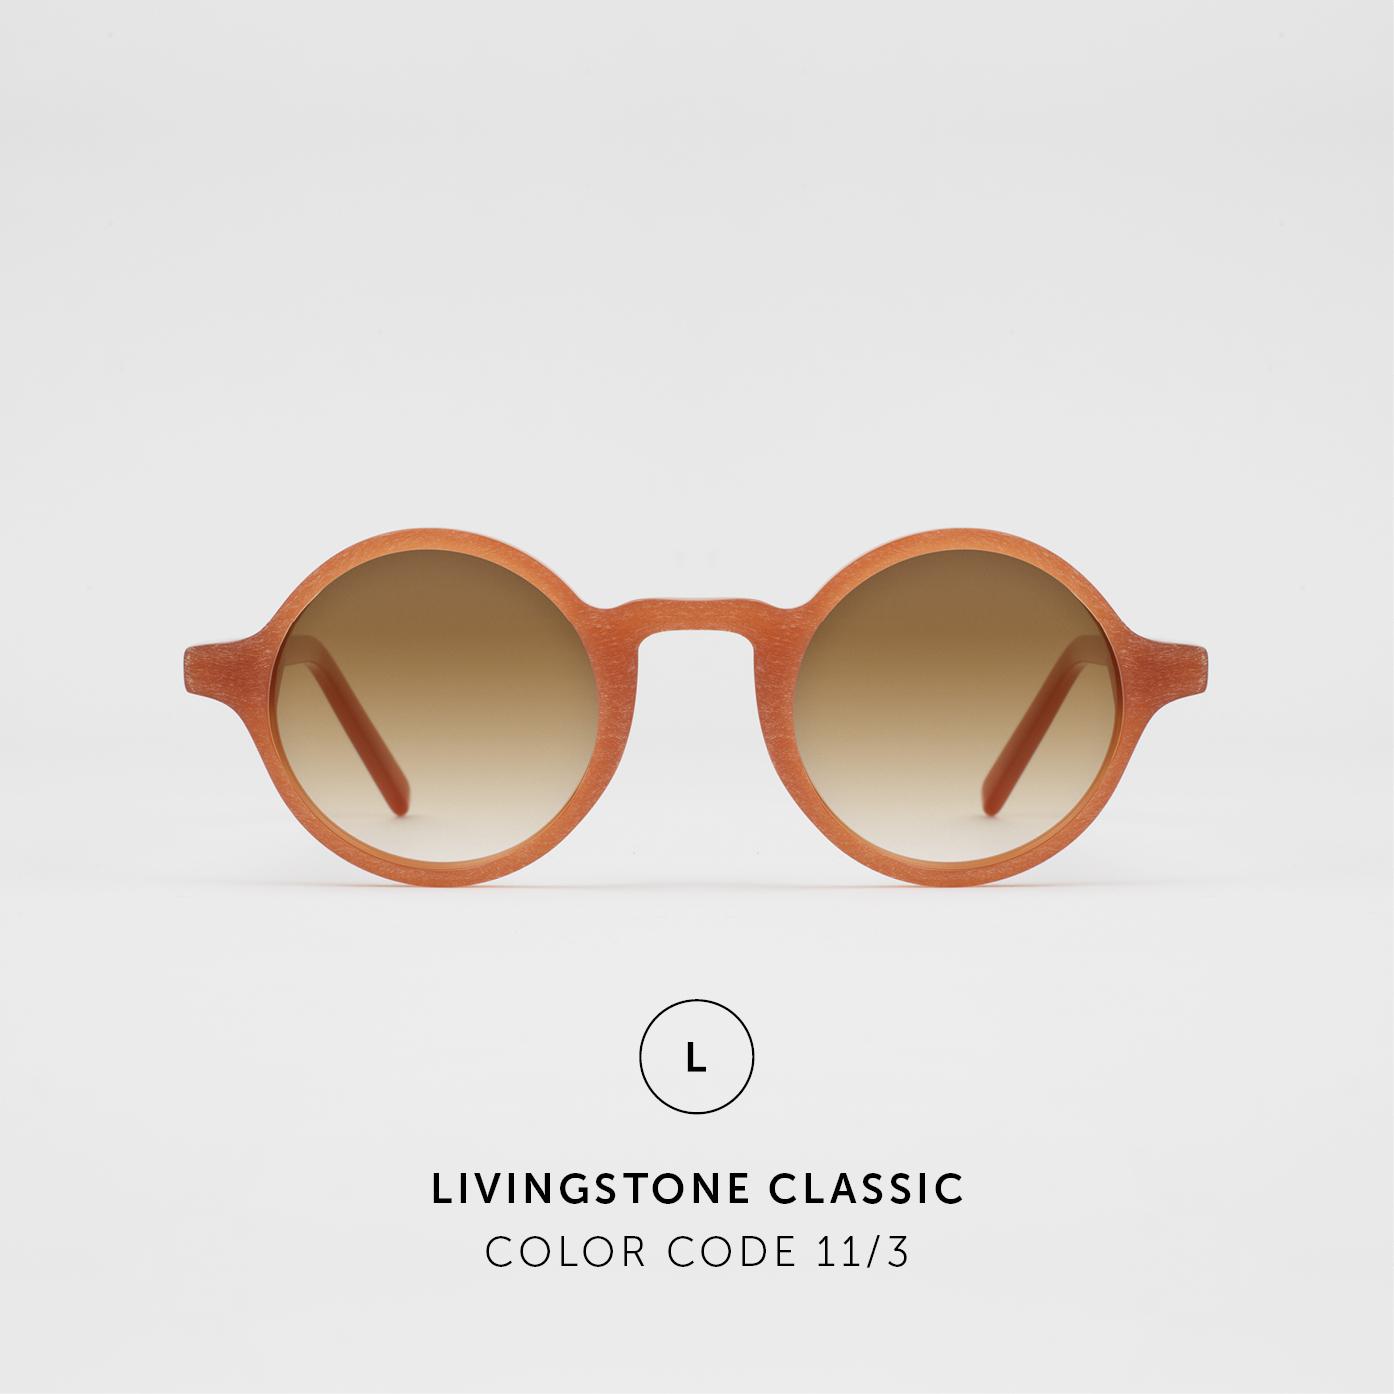 LivingstoneClassic54.jpg